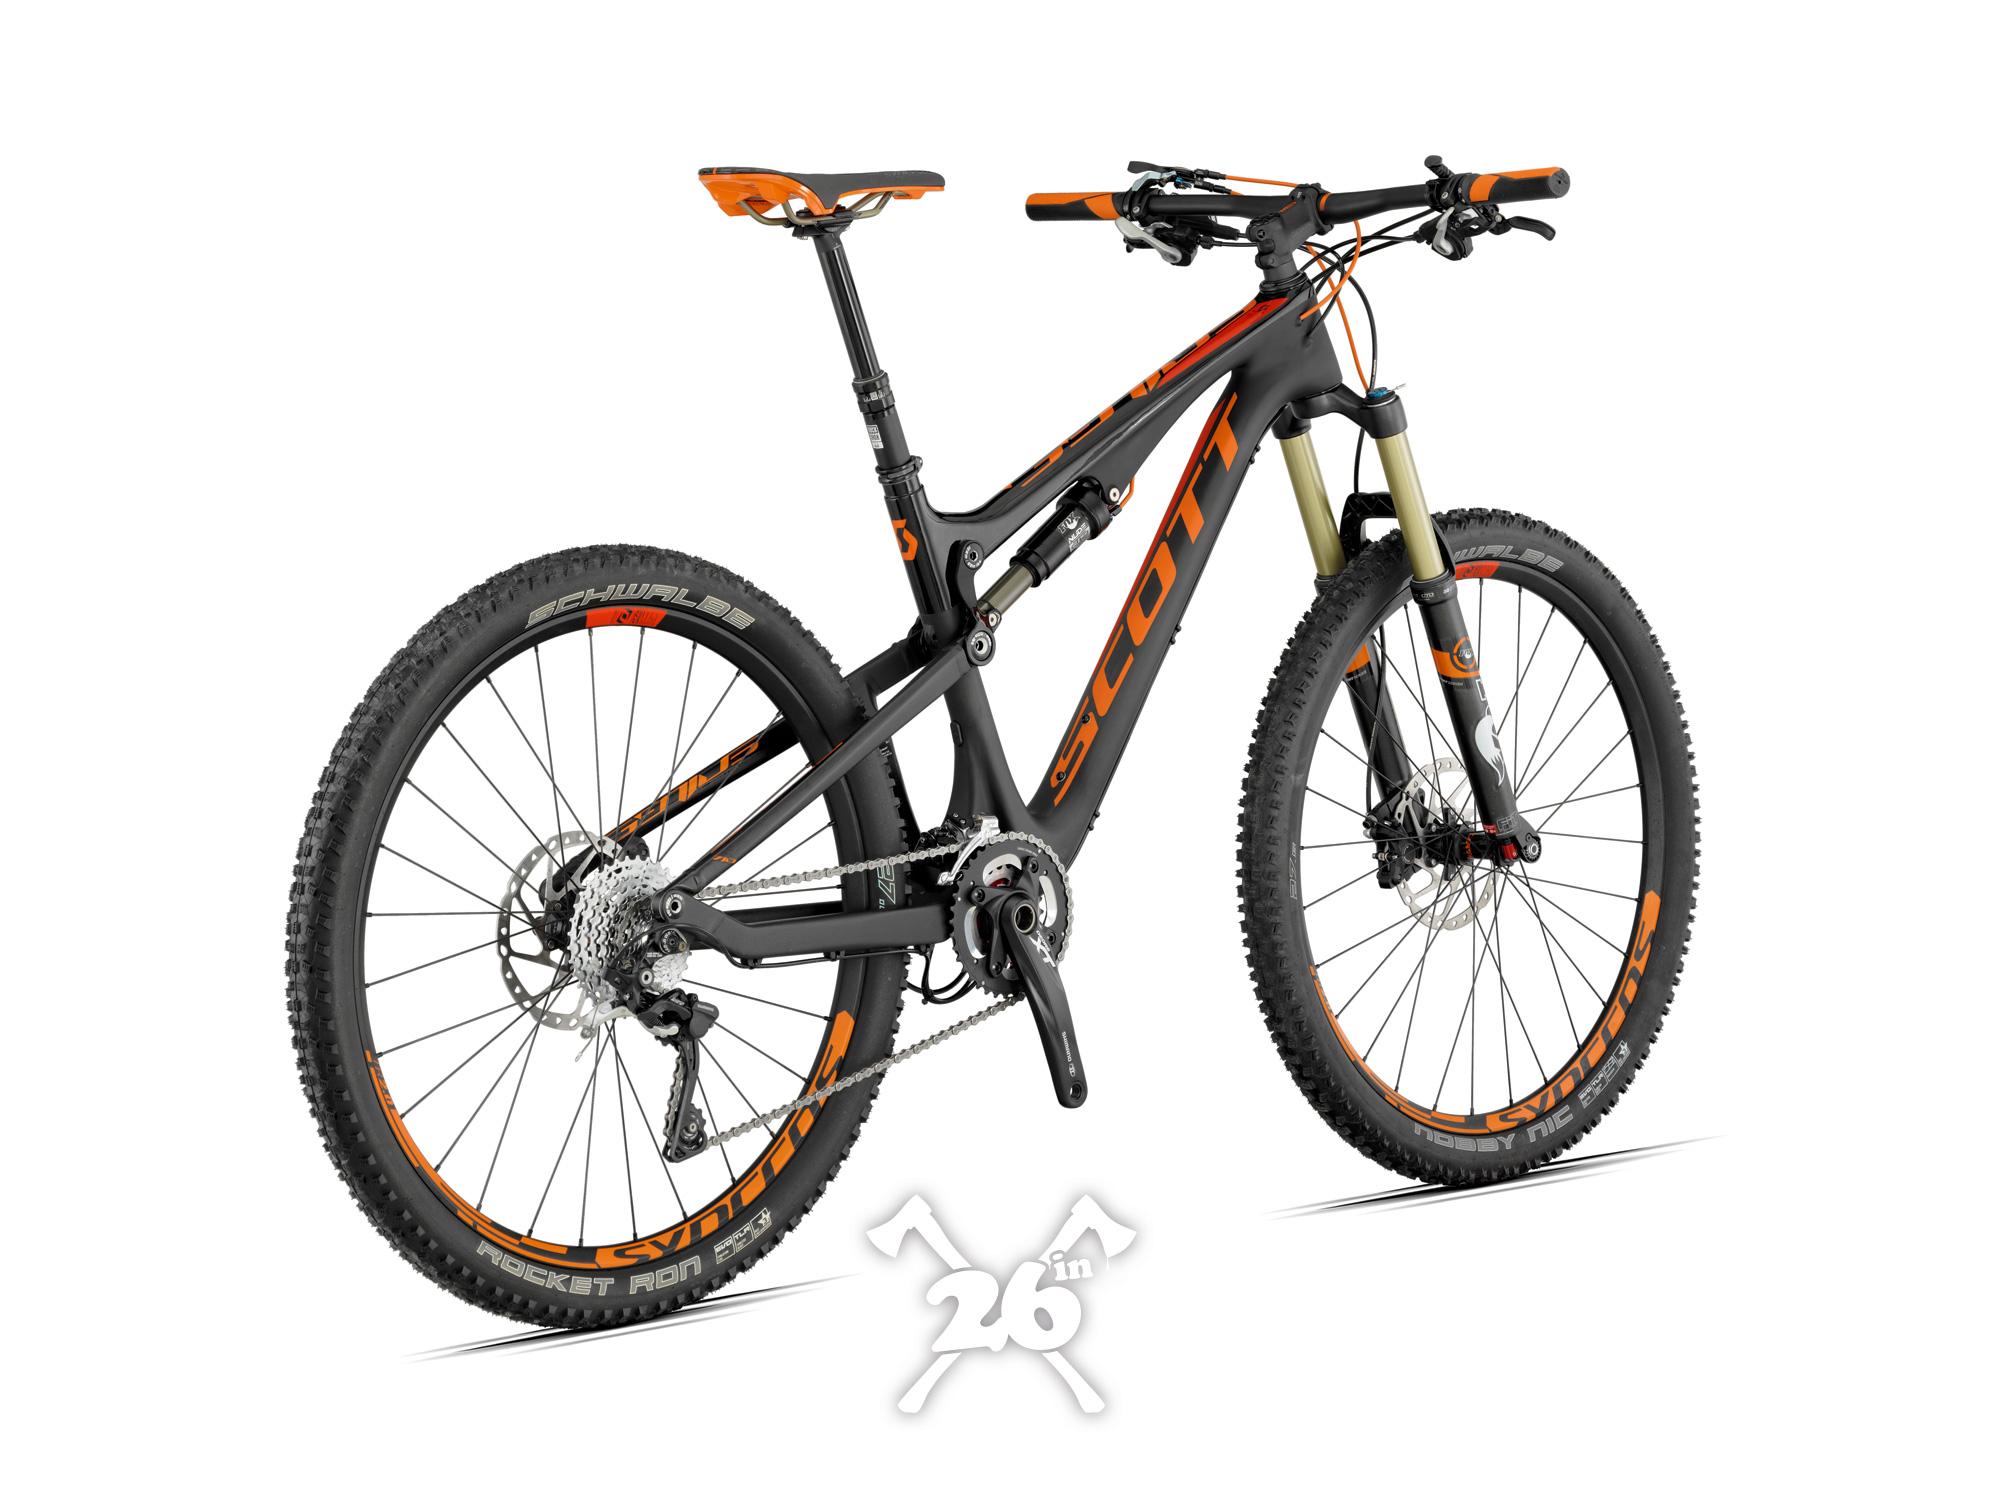 Scott Genius LT 720 2015 - Avis, prix, essai vélo Scott